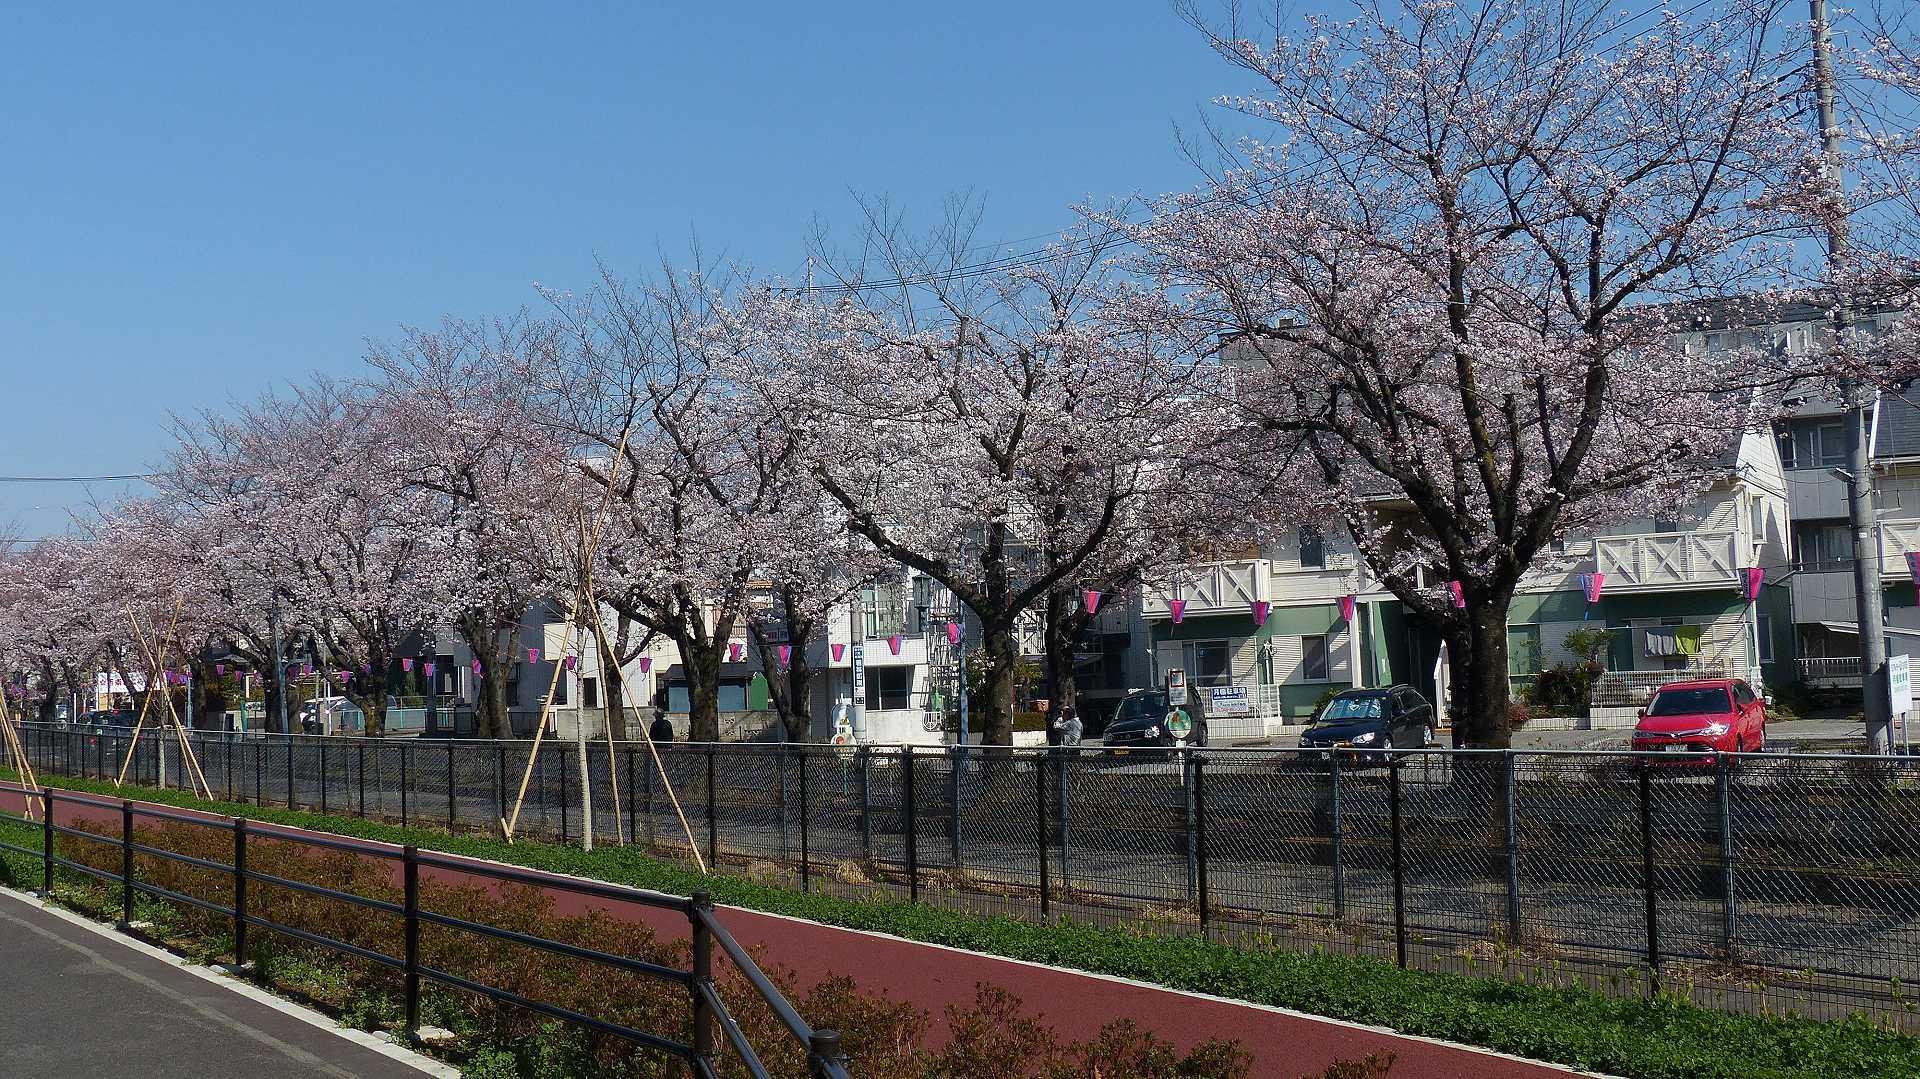 桜の便りに誘われて 【 2018 3/25(日) 】_a0185081_15131673.jpg